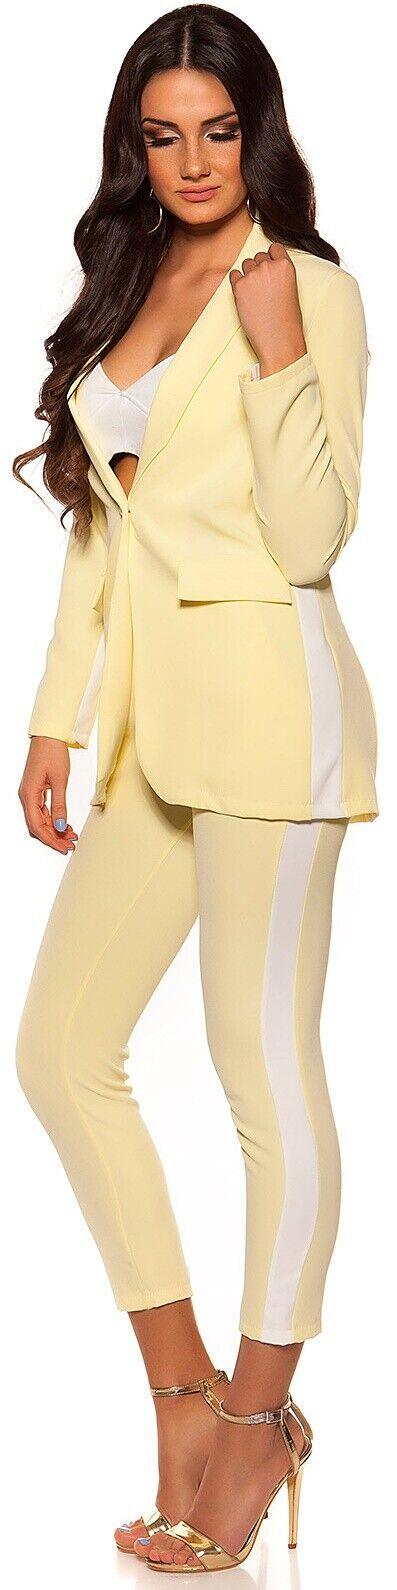 NEU 34 - - - 36 ♡ sommerleichter Blazer weißer Kontrast-Streifen  ♡ Gelb XS-S   Ausgewählte Materialien    Verschiedene Waren    Lebensecht    Online Store    New Style  3dd6e0